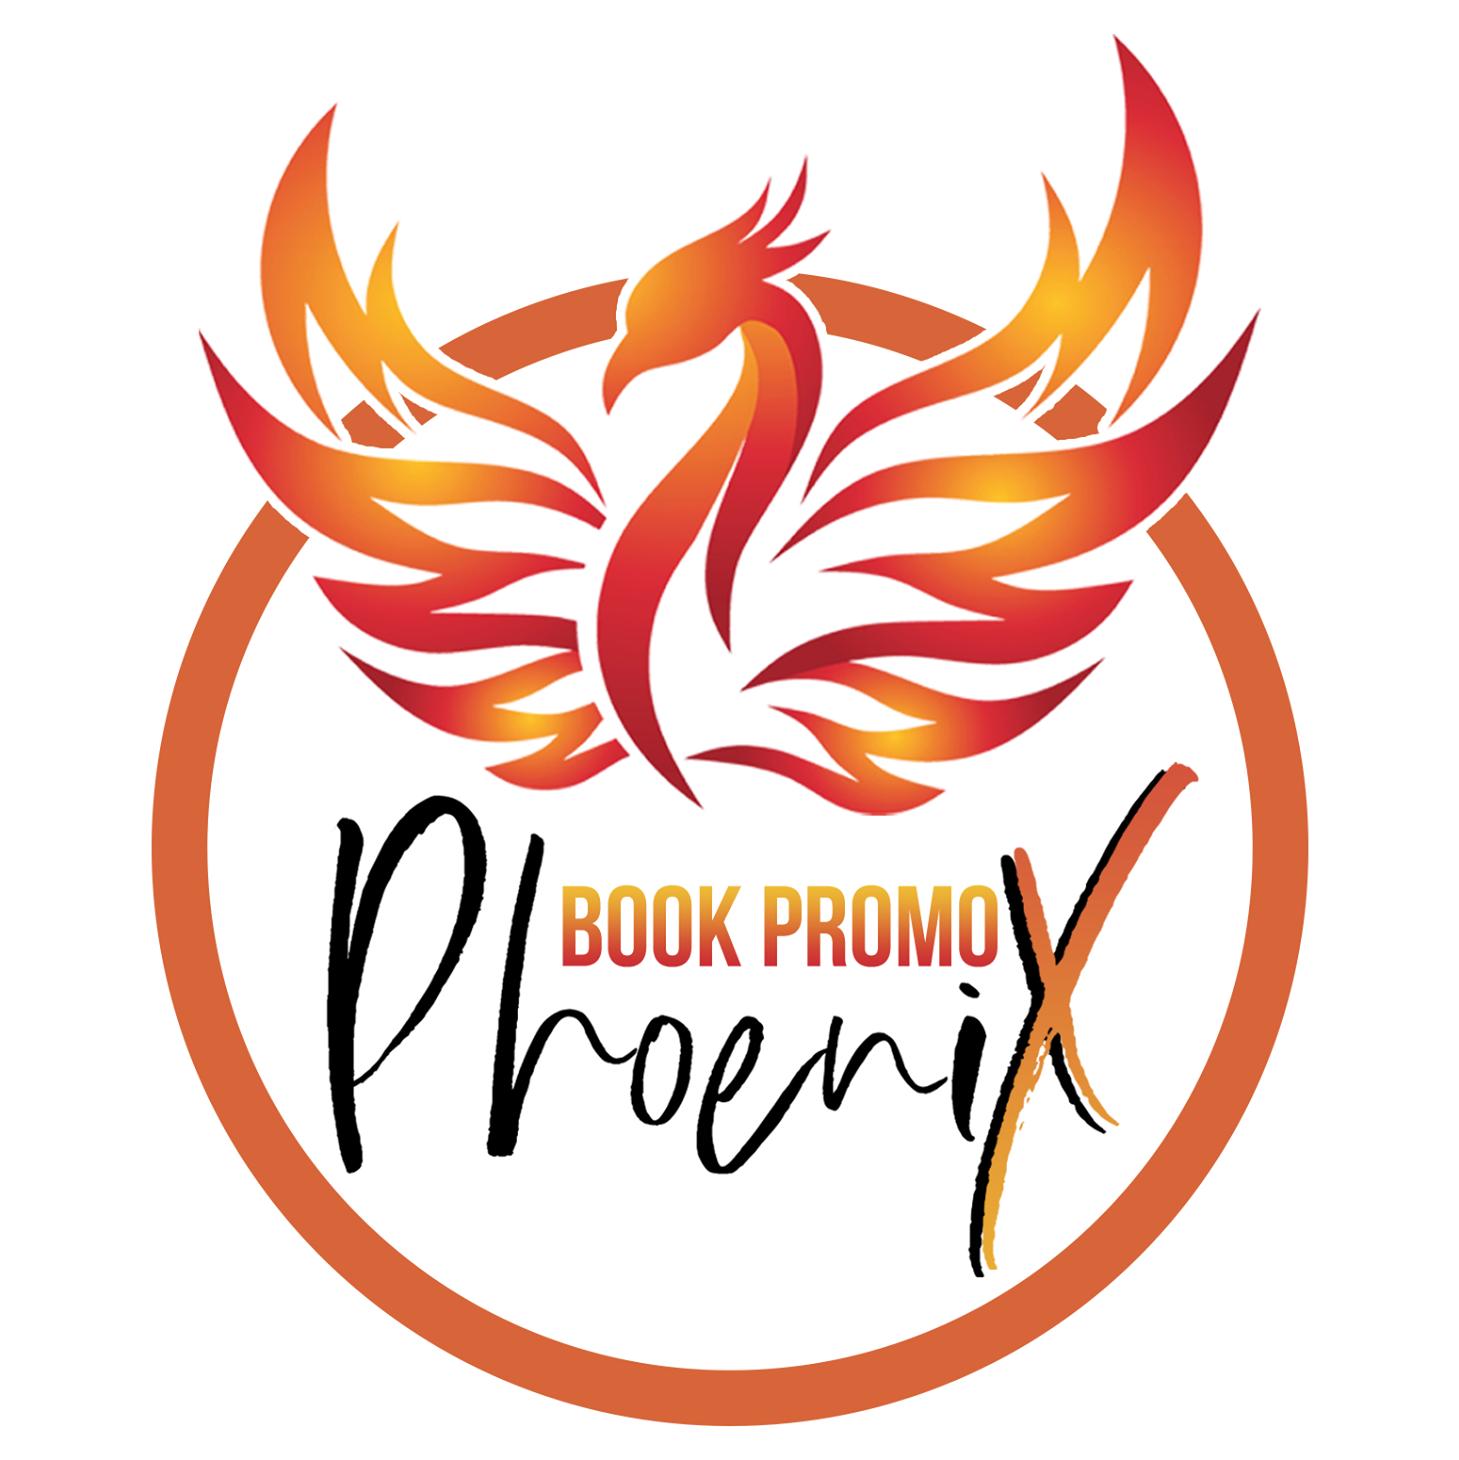 Phoenix Book Promo